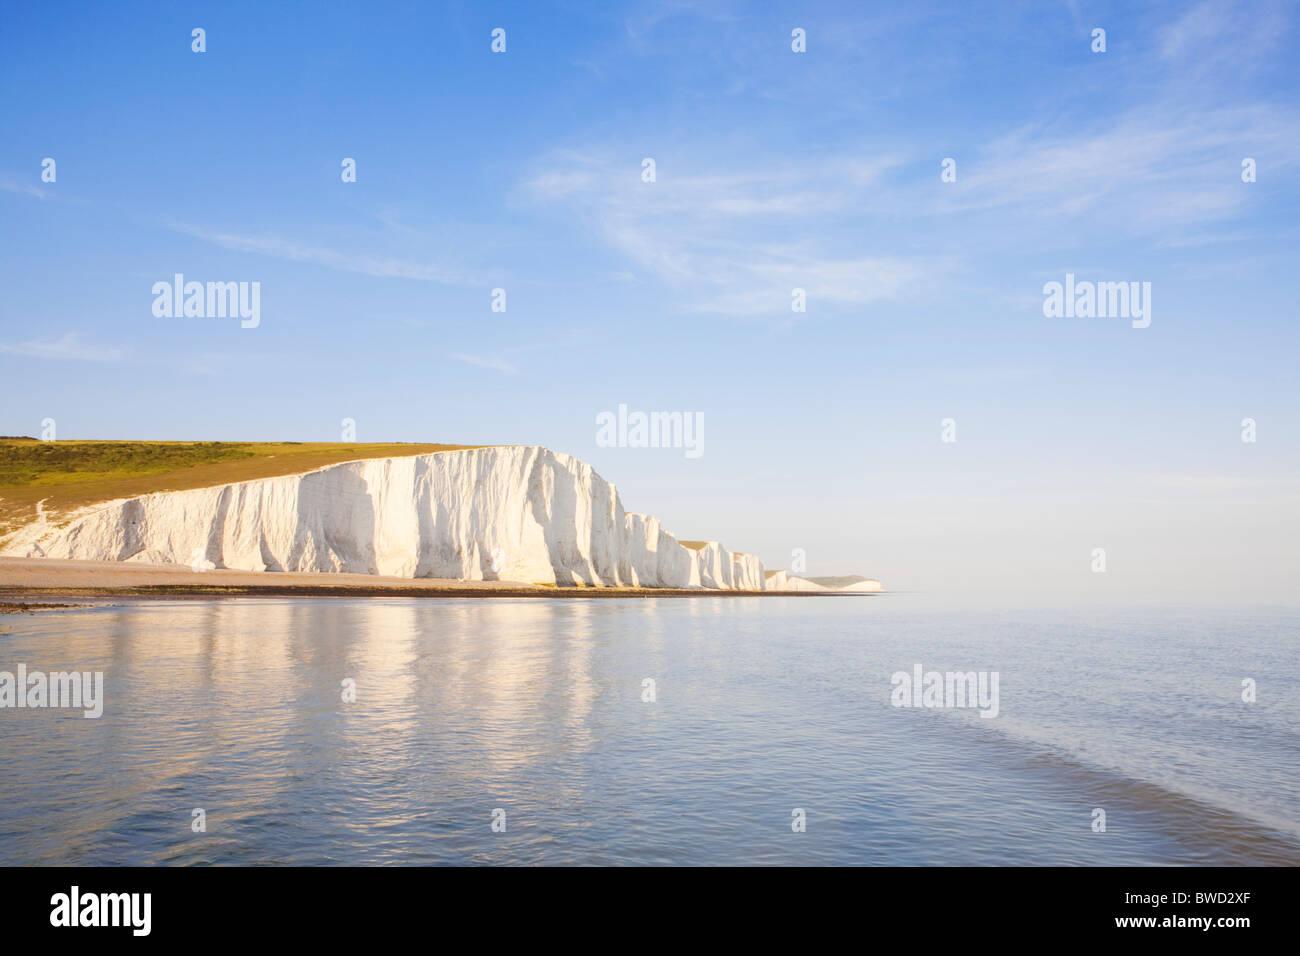 Sonnenuntergang am sieben Schwestern; East Sussex; England, Großbritannien Stockbild